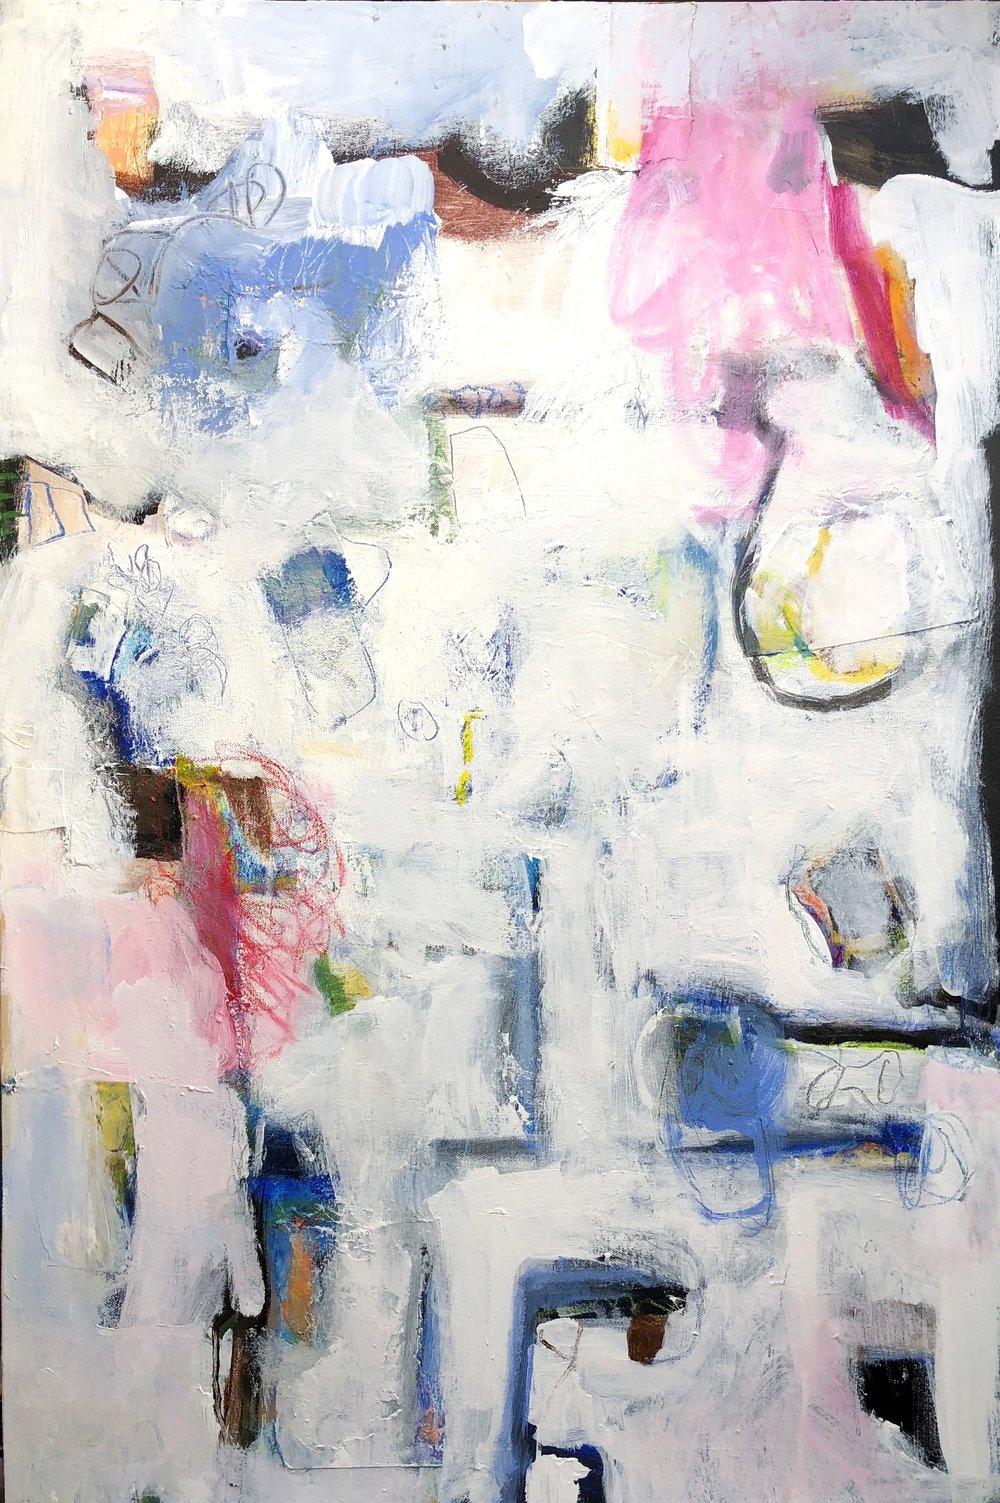 Hester Ohbi - Snow in the City - 36 x 24 - acrylic on canvas